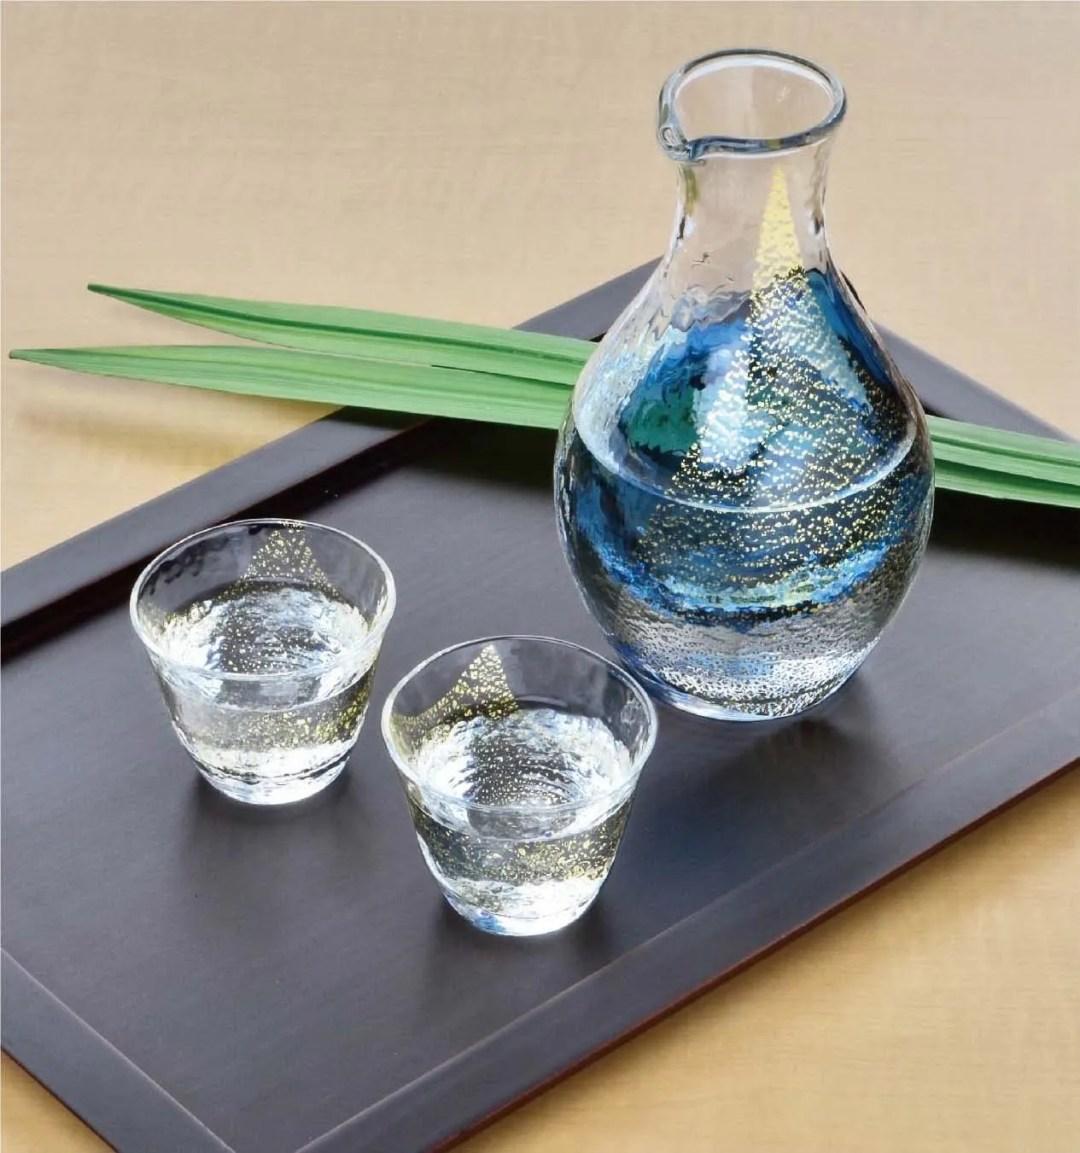 Japanese Cold Sake set - made in Japan